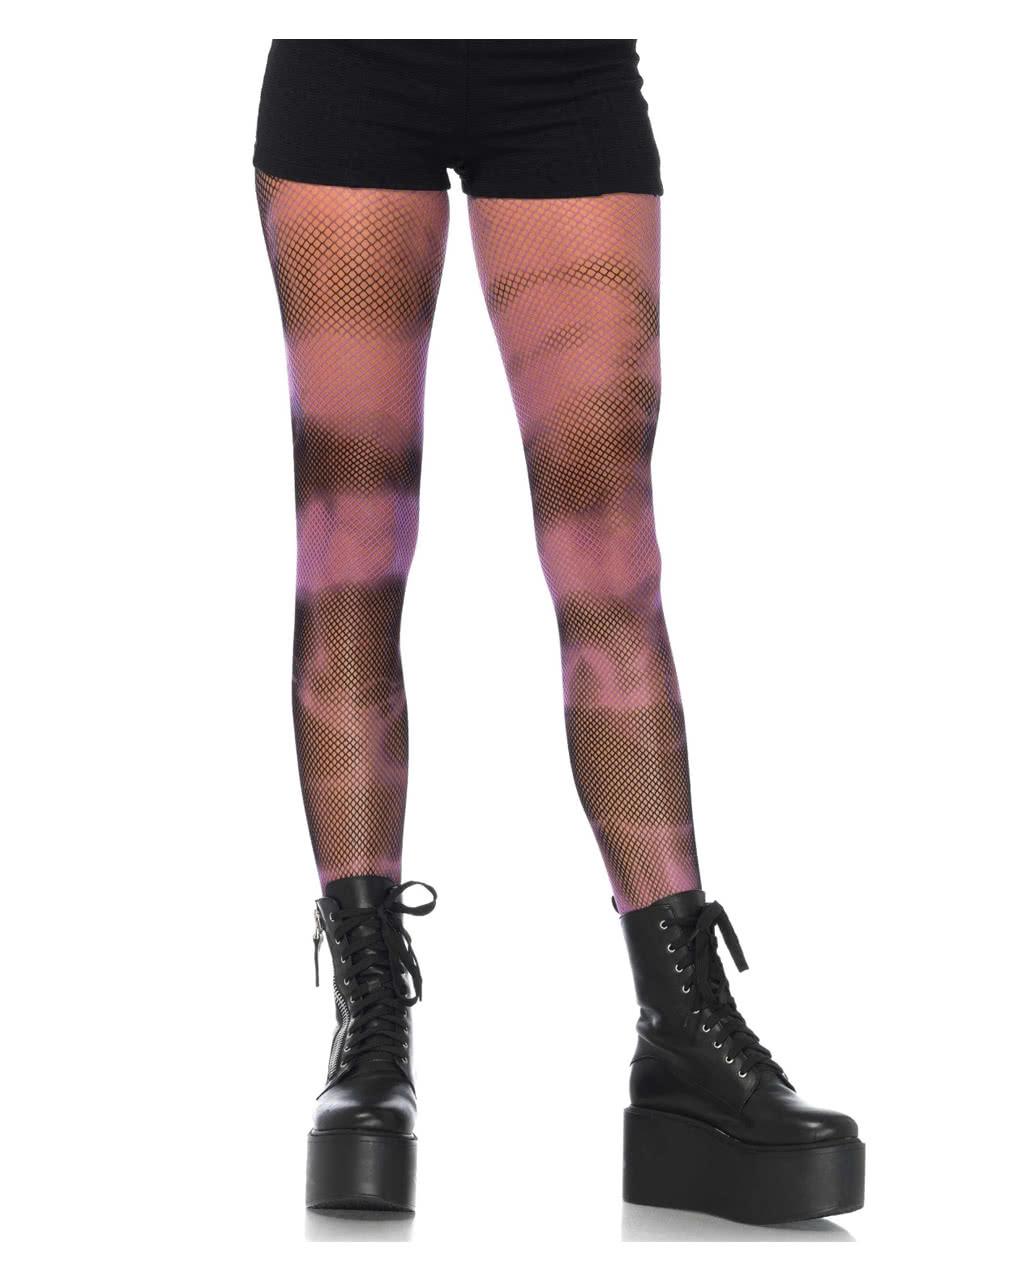 d68efb2d80519 Fishnet pantyhose batik look ☆ Gothic Fashion | horror-shop.com